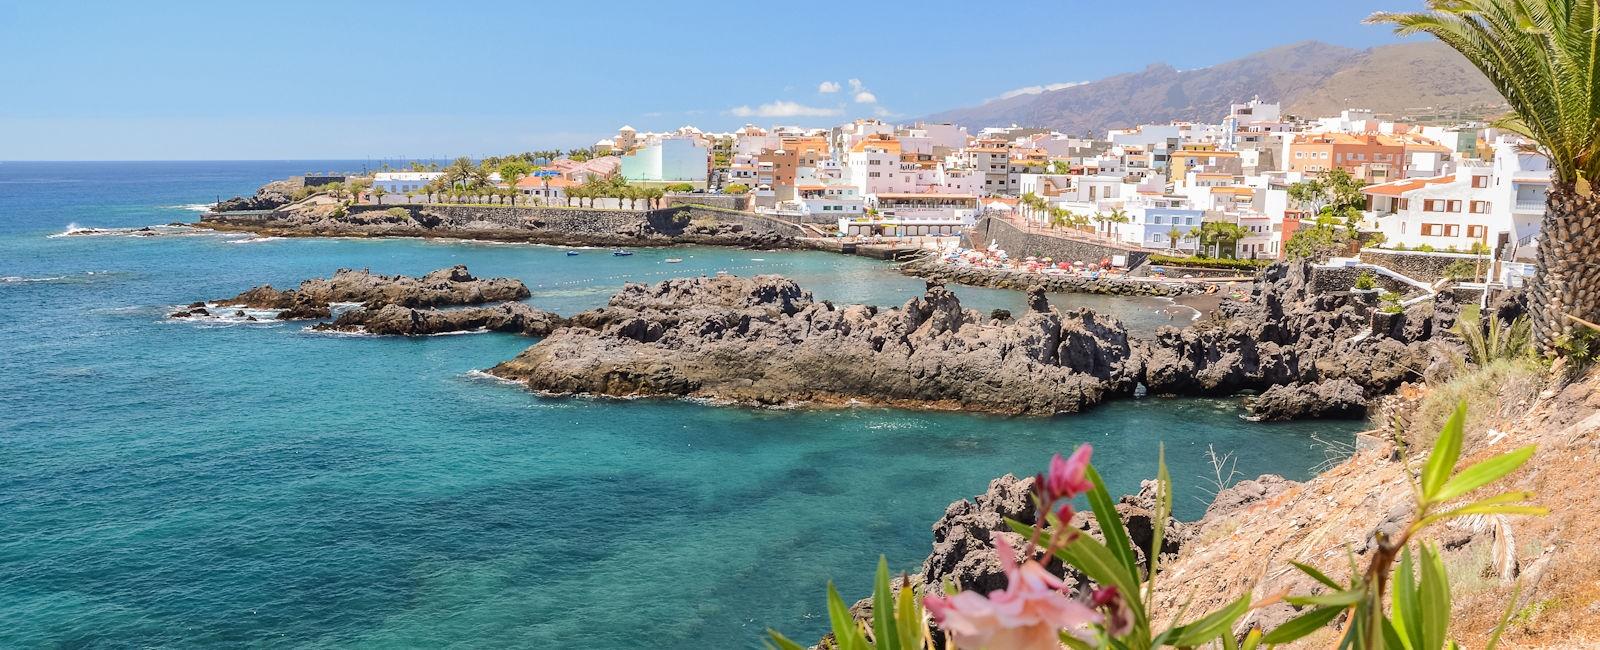 Luxury Alcala Holidays